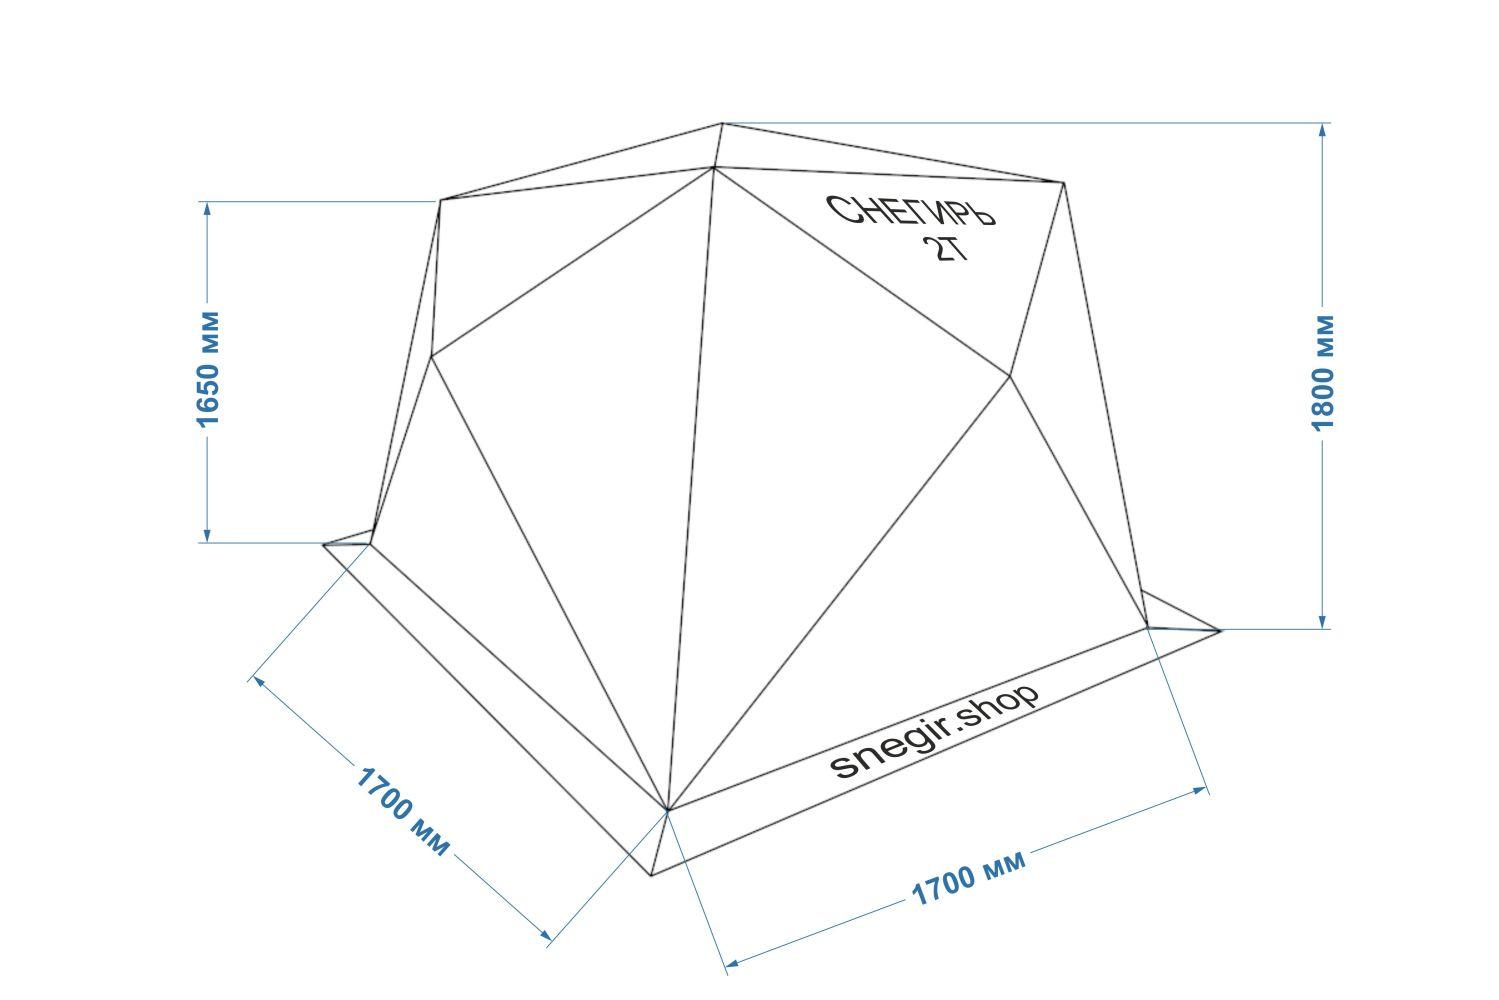 Схема размеров палатки Снегирь 2Т